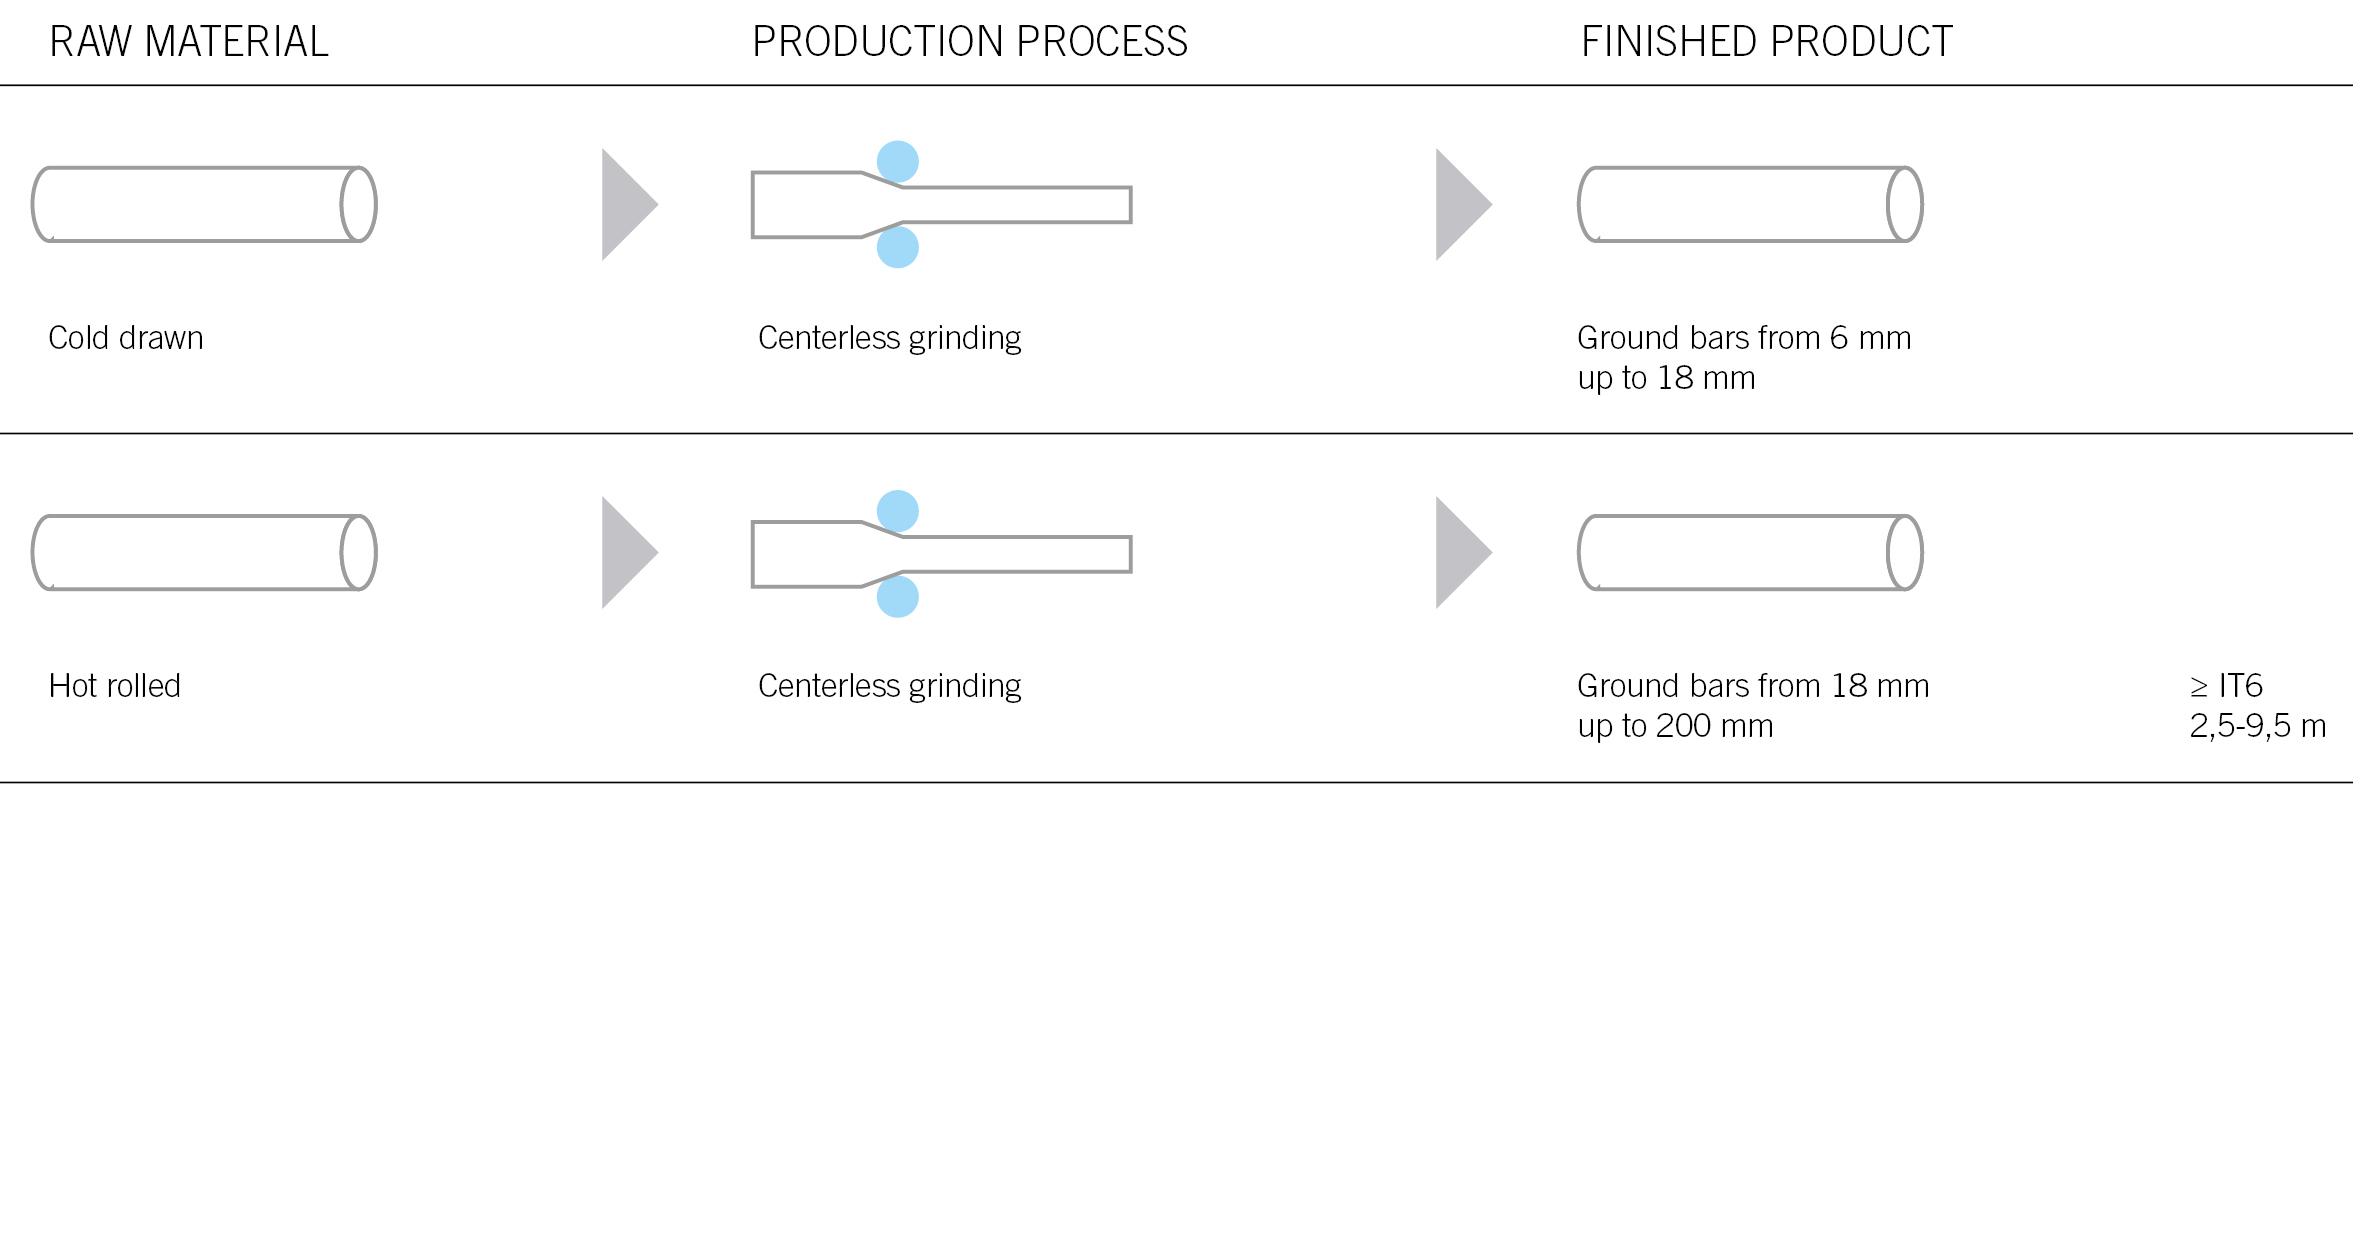 novacciai martin - tabella processo produttivo GRINDING